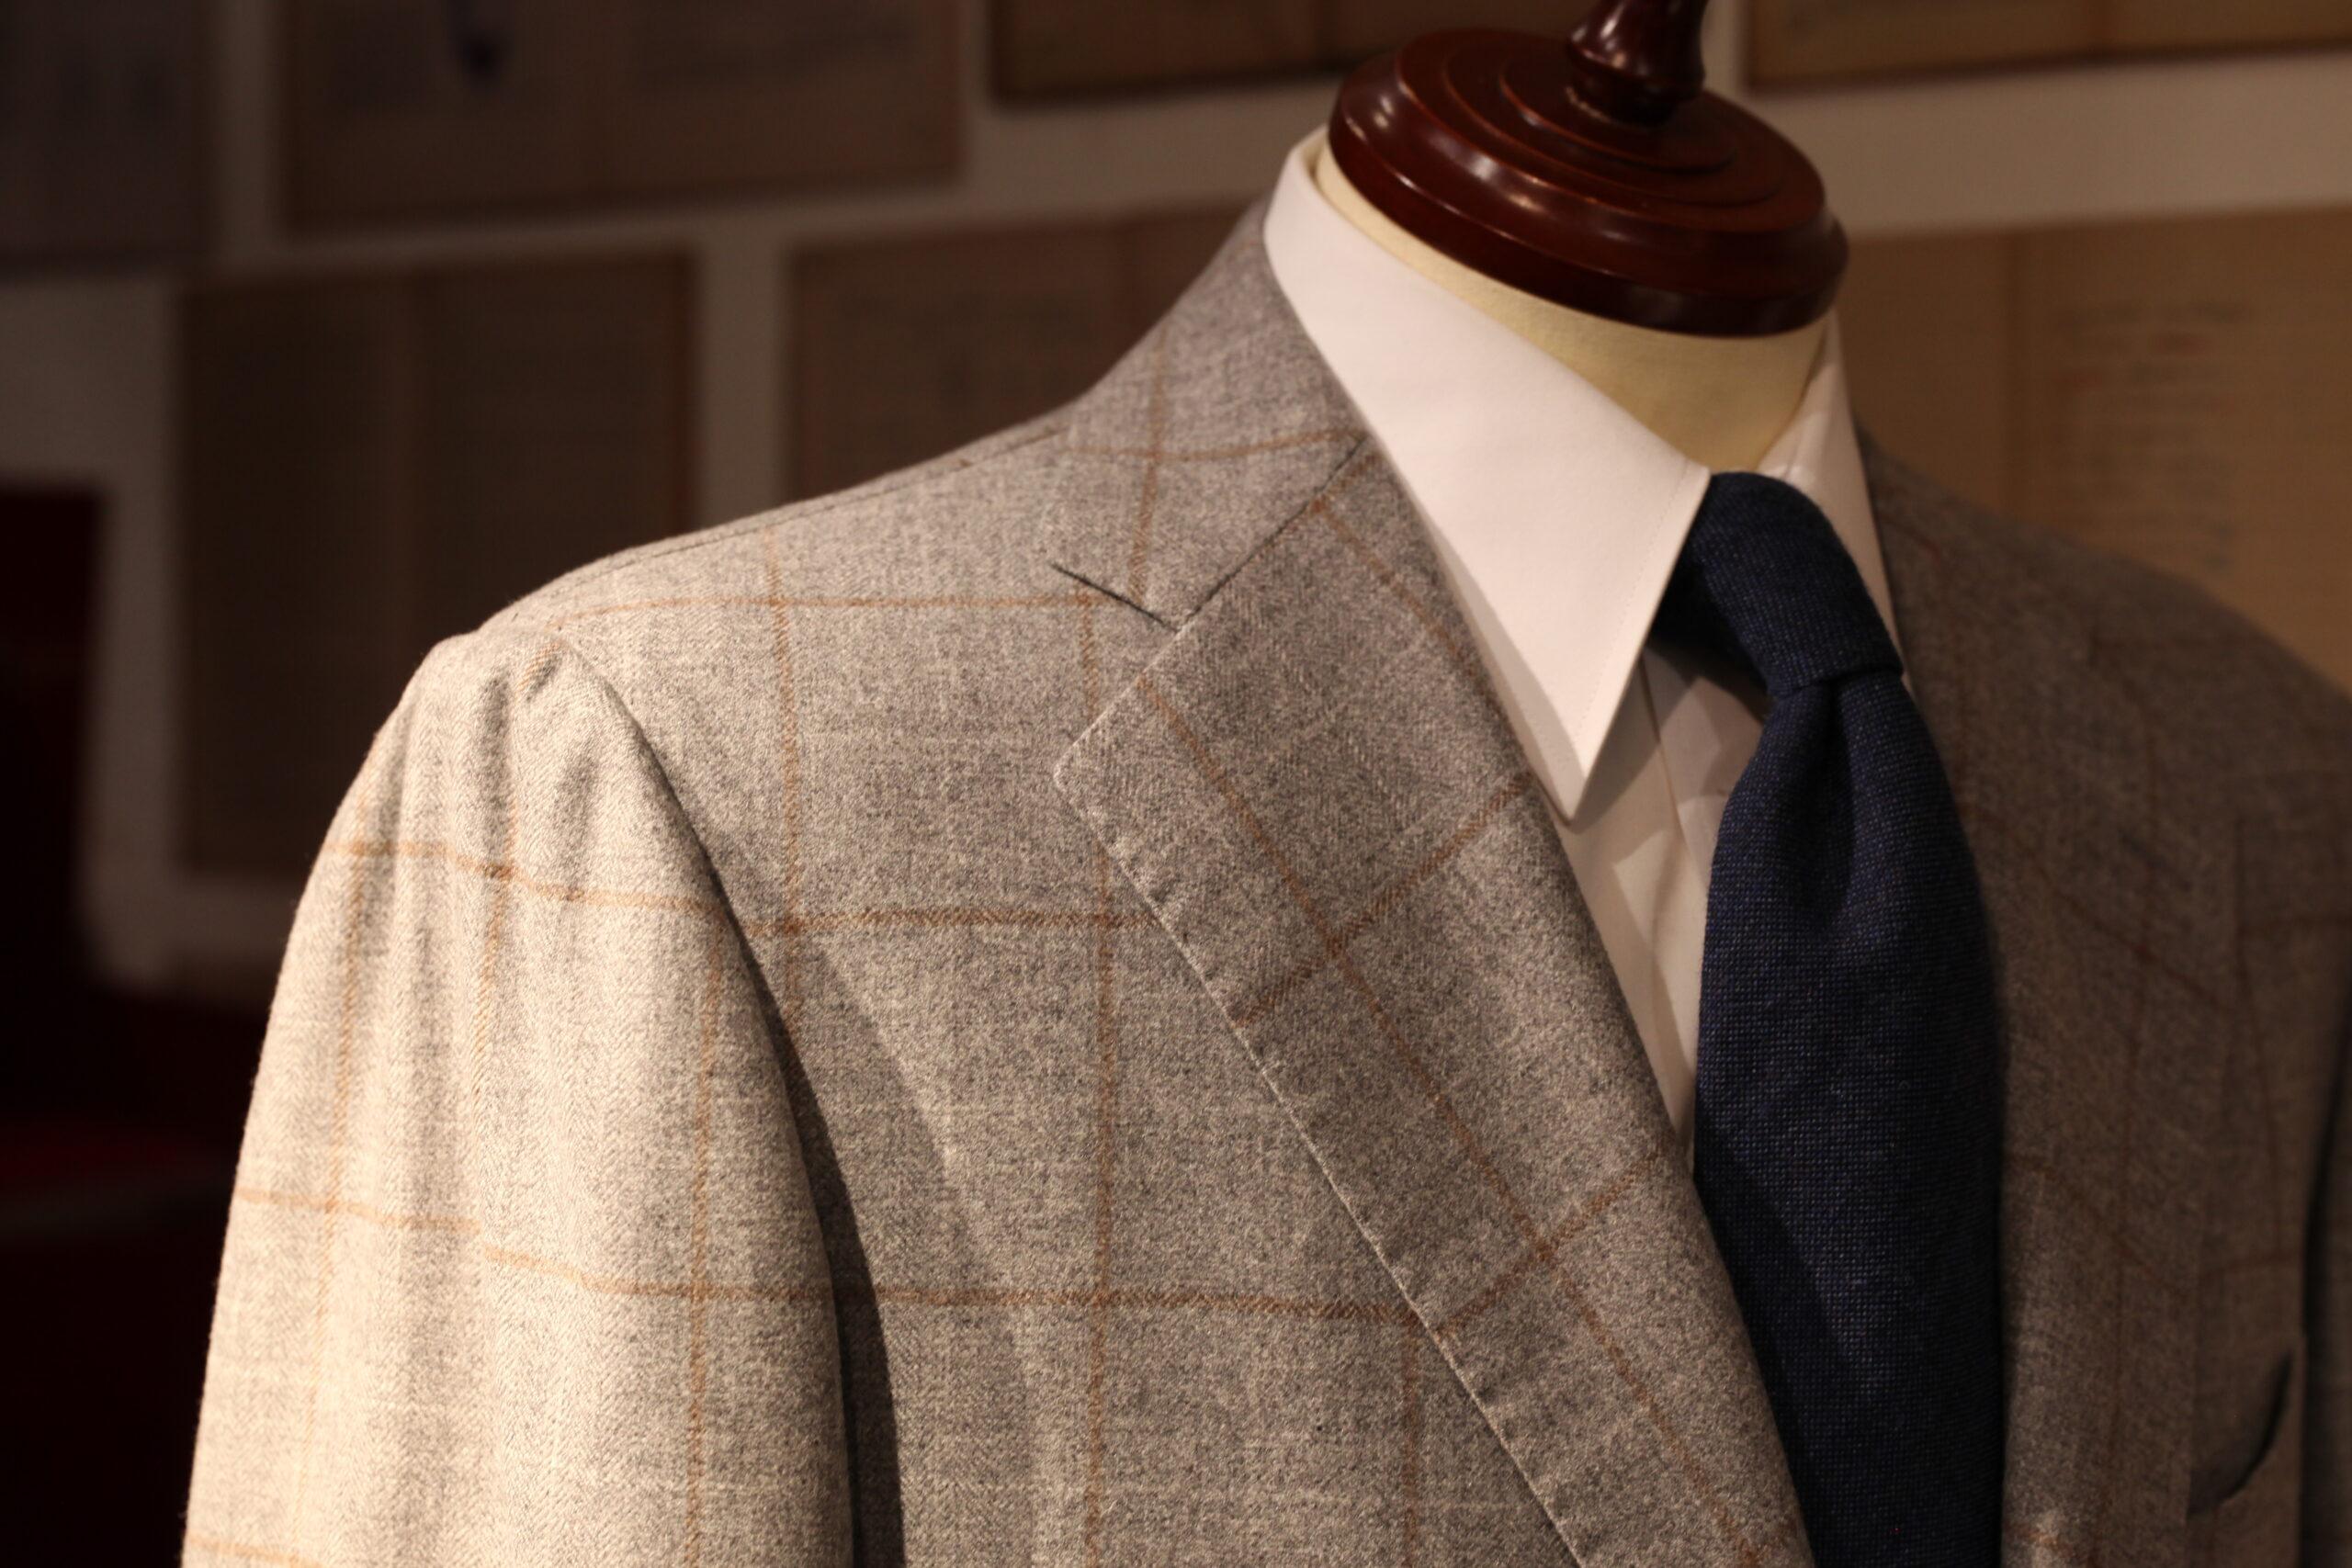 【コラム】『イタリアスーツ』は、存在しない?  ナポリ・スーツの元祖、アットリーニから読み解く。 by Artigiano-Tokyo